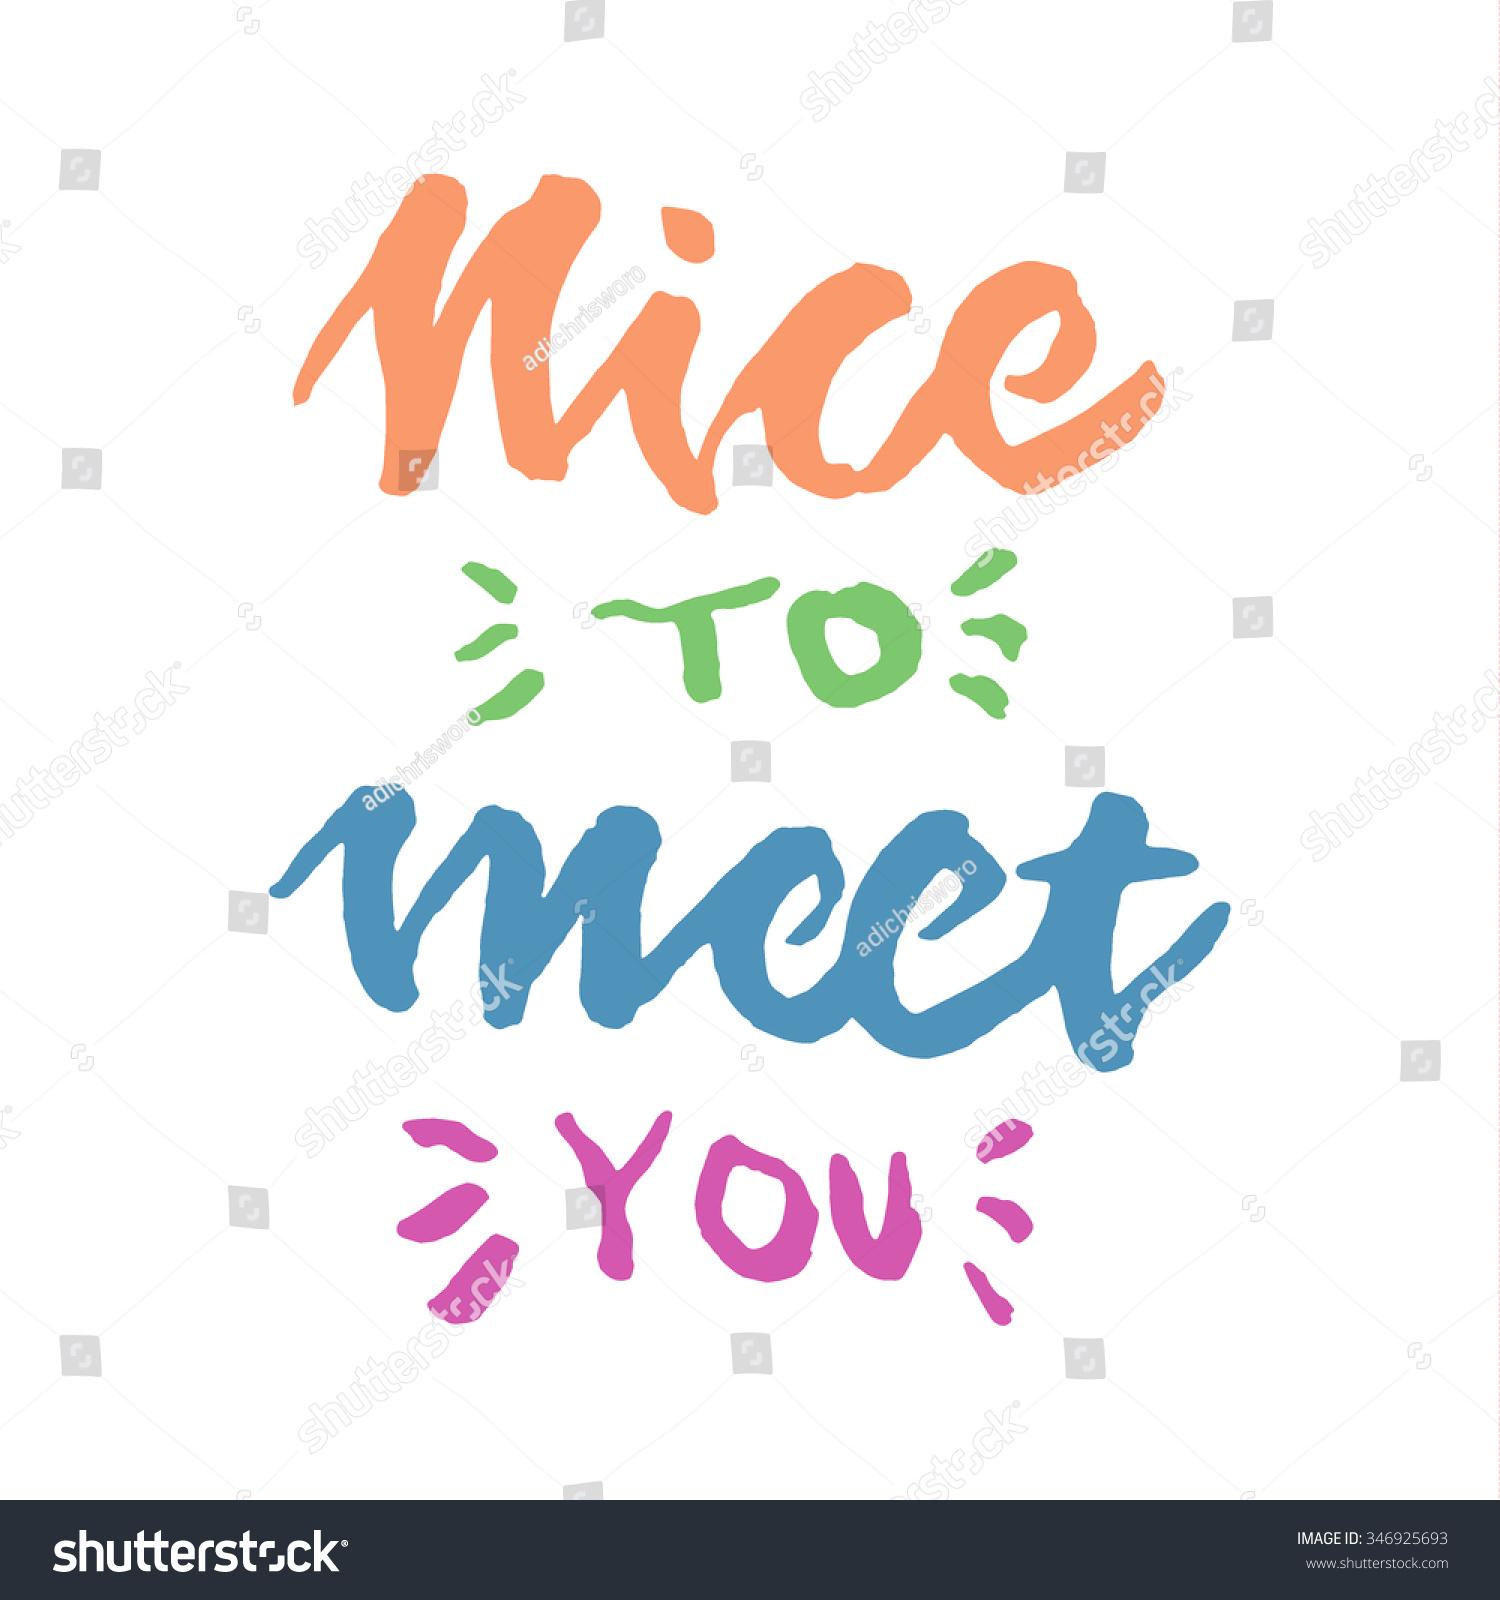 nice meet you hand lettering のベクター画像素材 ロイヤリティフリー